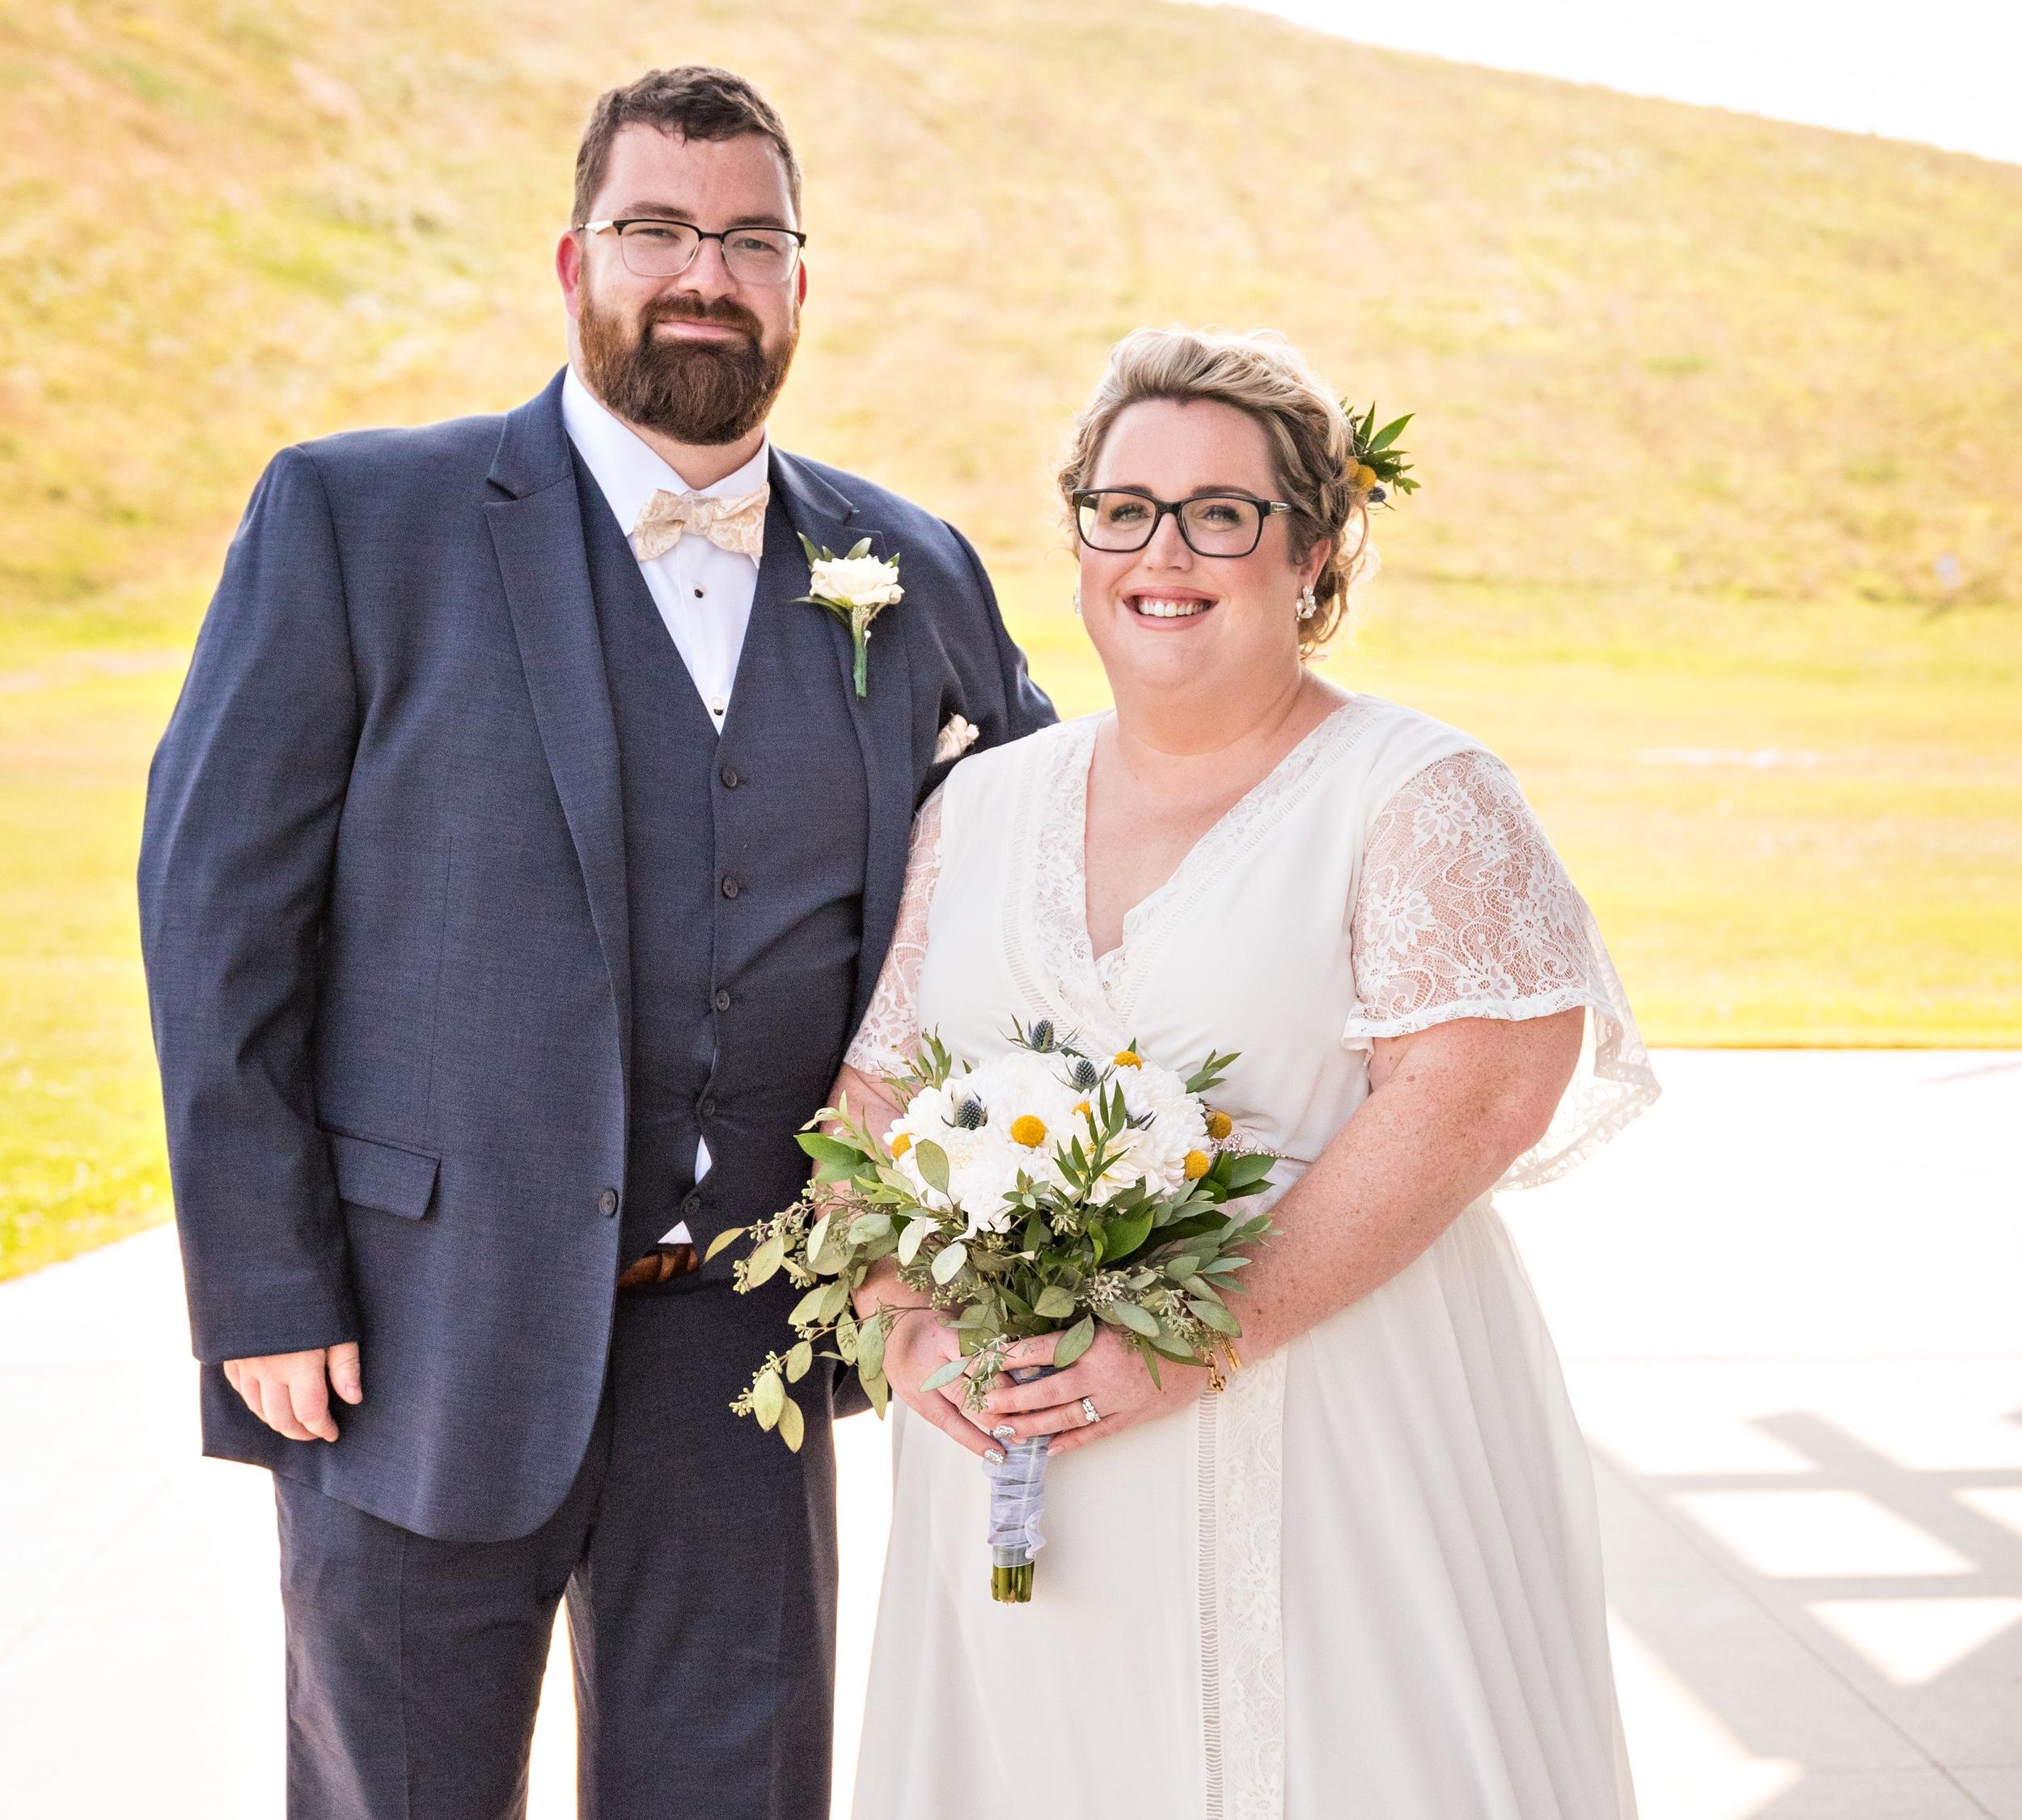 05_Bride-and-Groom_0209.jpg